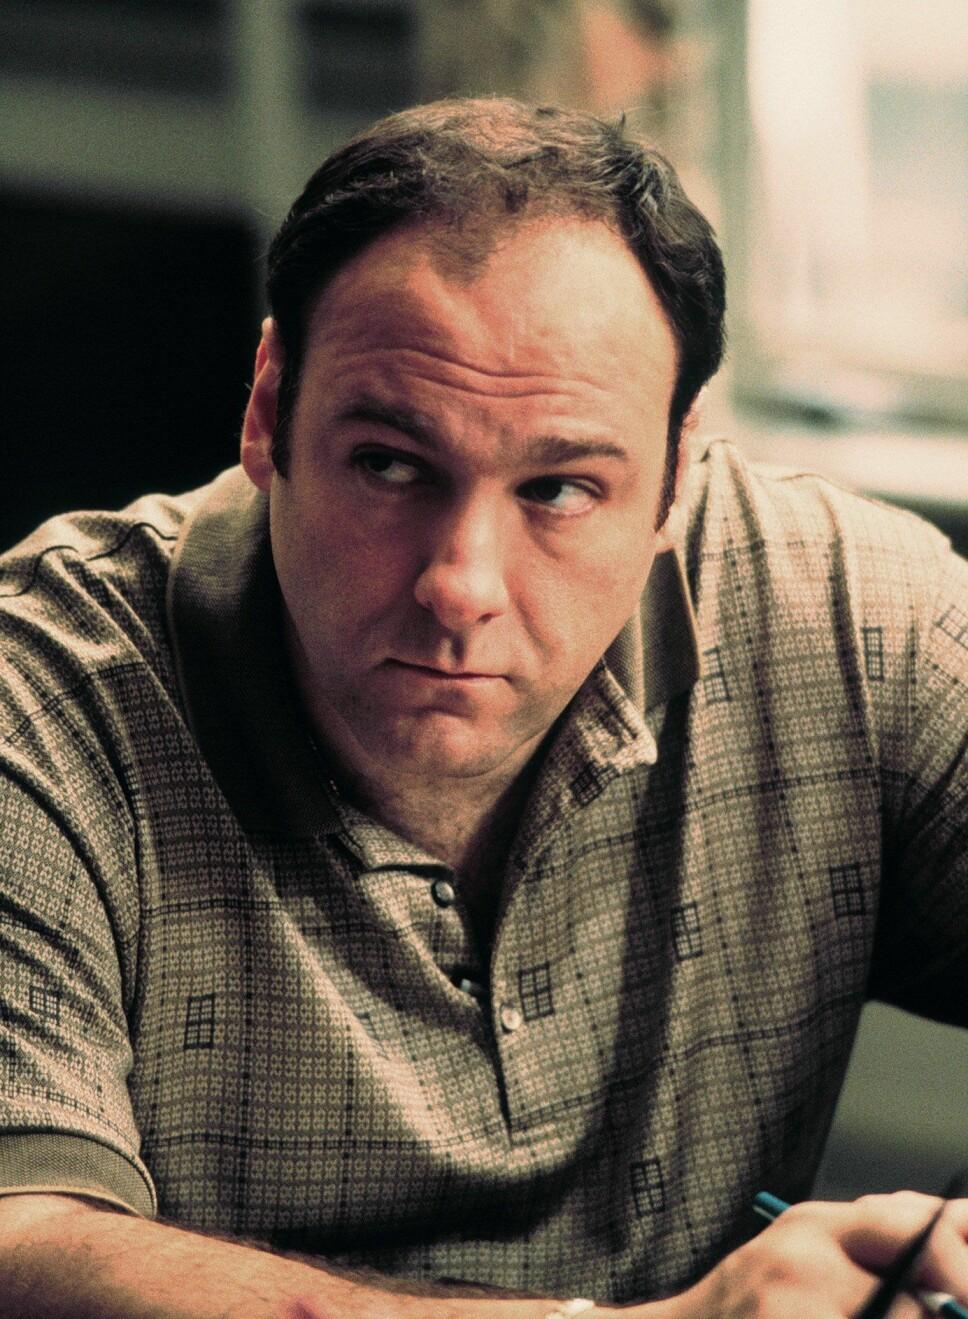 ELSKET OG HUSKET: James Gandolfini er mest kjent for rollen sin som Tony Soprano, og er savnet av fans verden over.